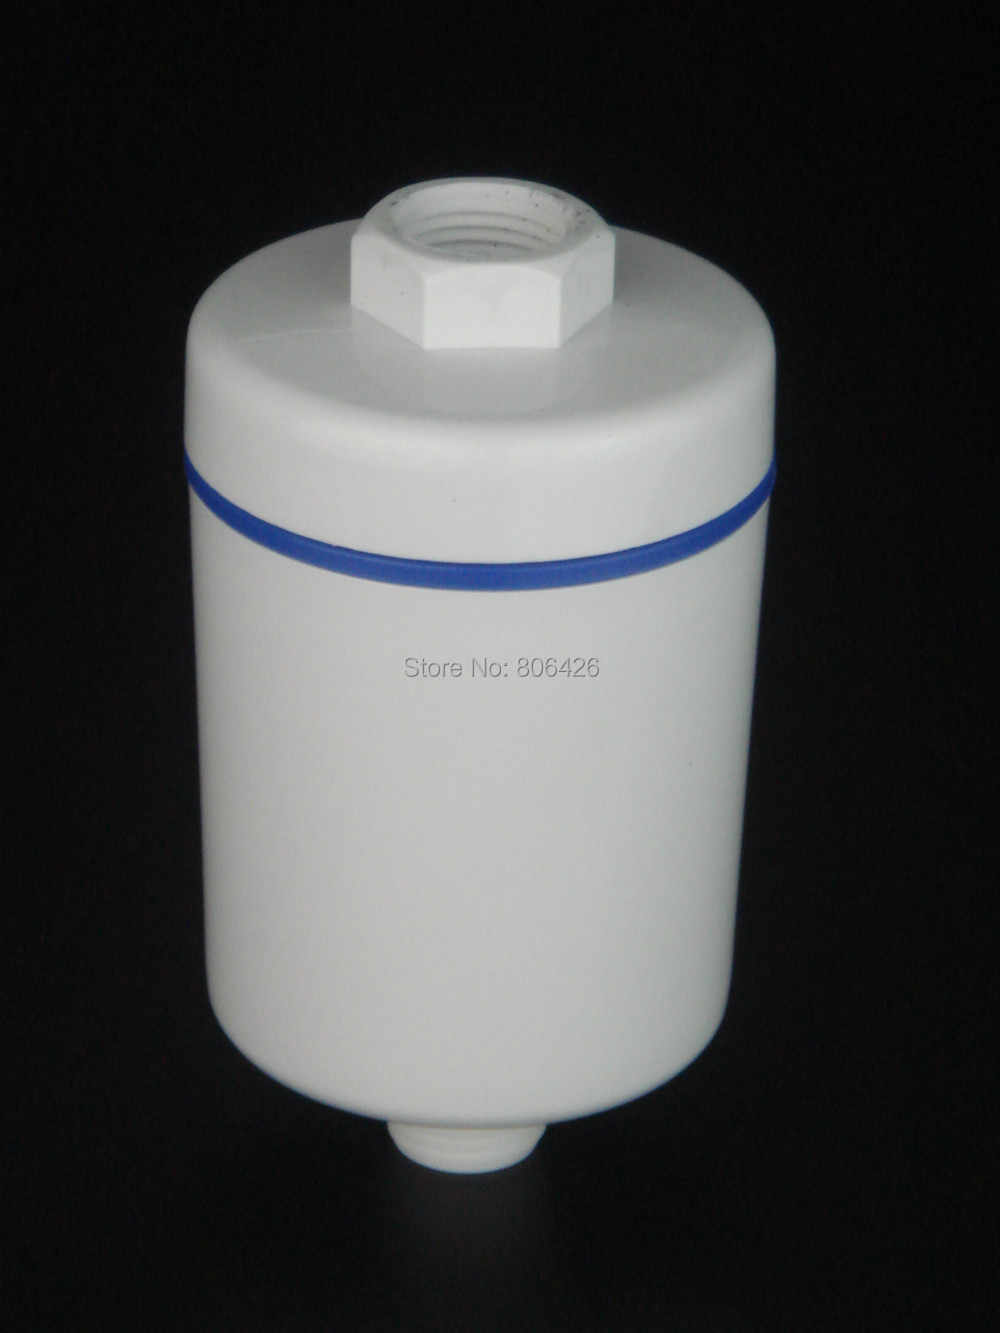 Фильтр для душа без хлора/насадка для душа/СПА-фильтр/душевая спа с комбинированным углеродом и KDF для удаления химических и тяжелых металлов